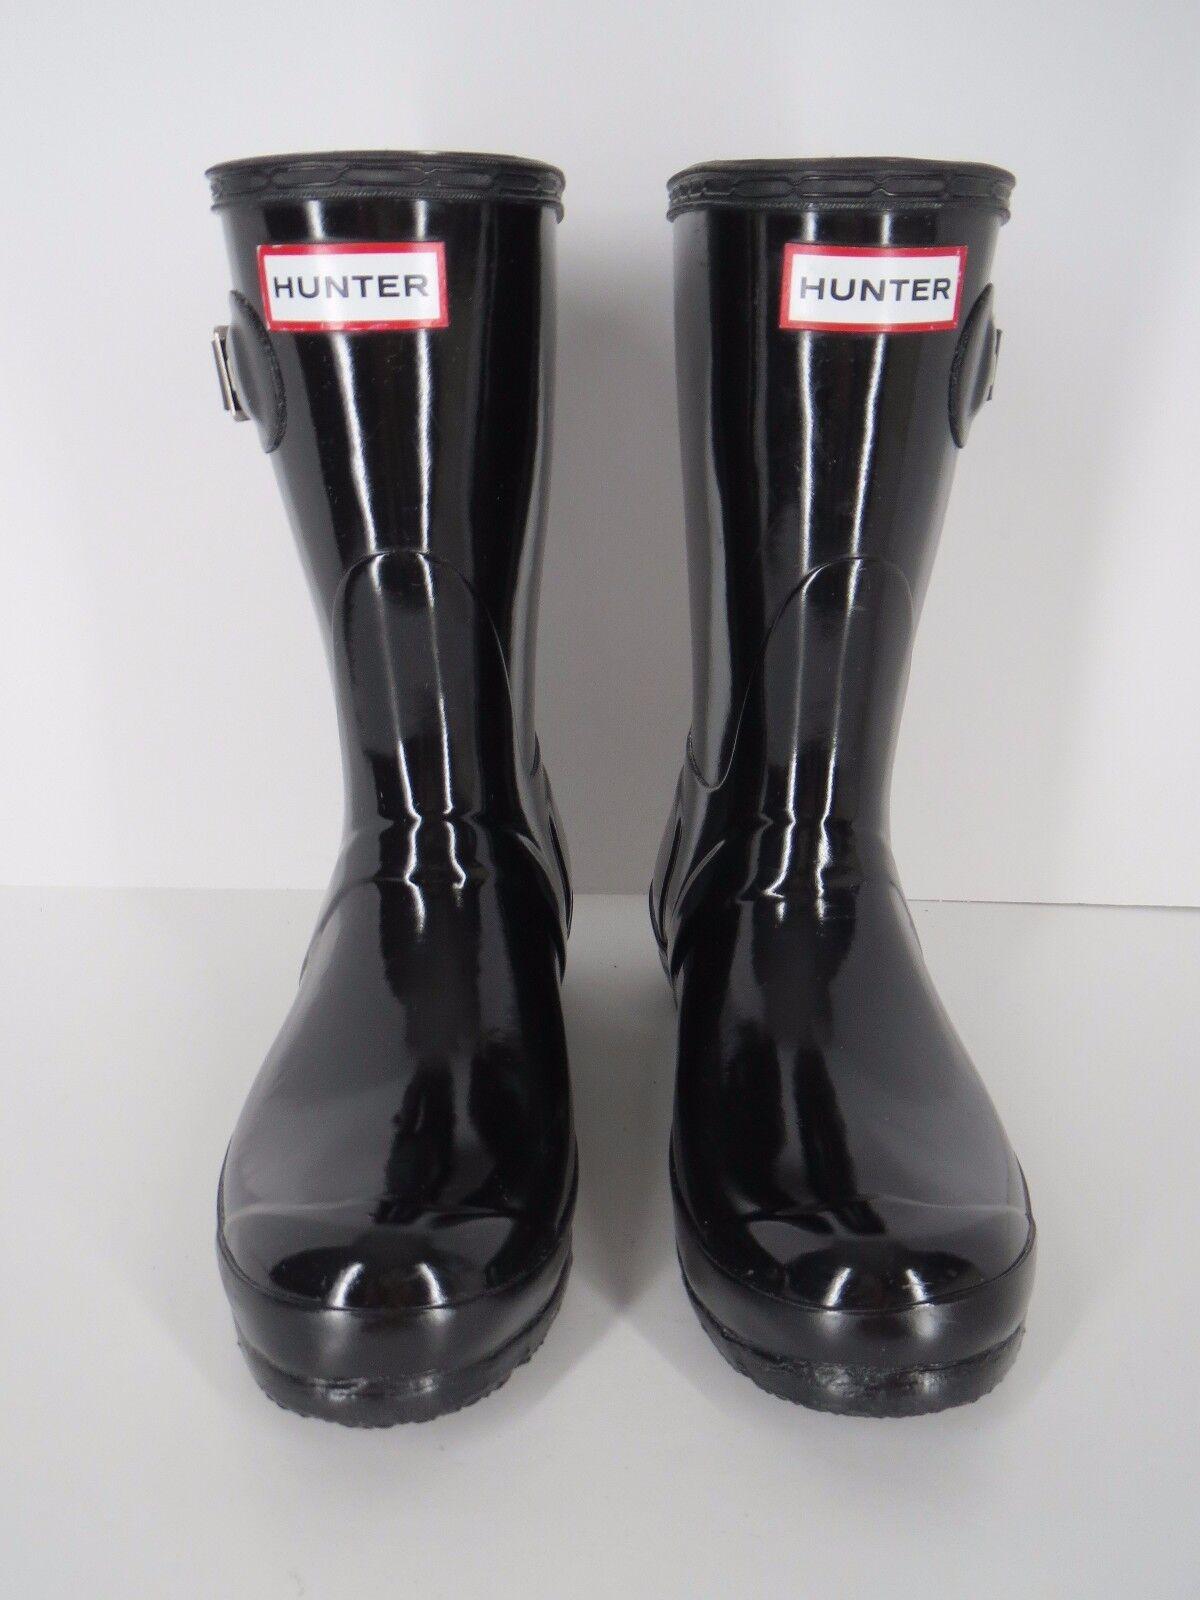 al prezzo più basso Hunter Rain stivali nero Rubber Short Dimensione Dimensione Dimensione US 6 EU 37 Original Gloss  migliori prezzi e stili più freschi